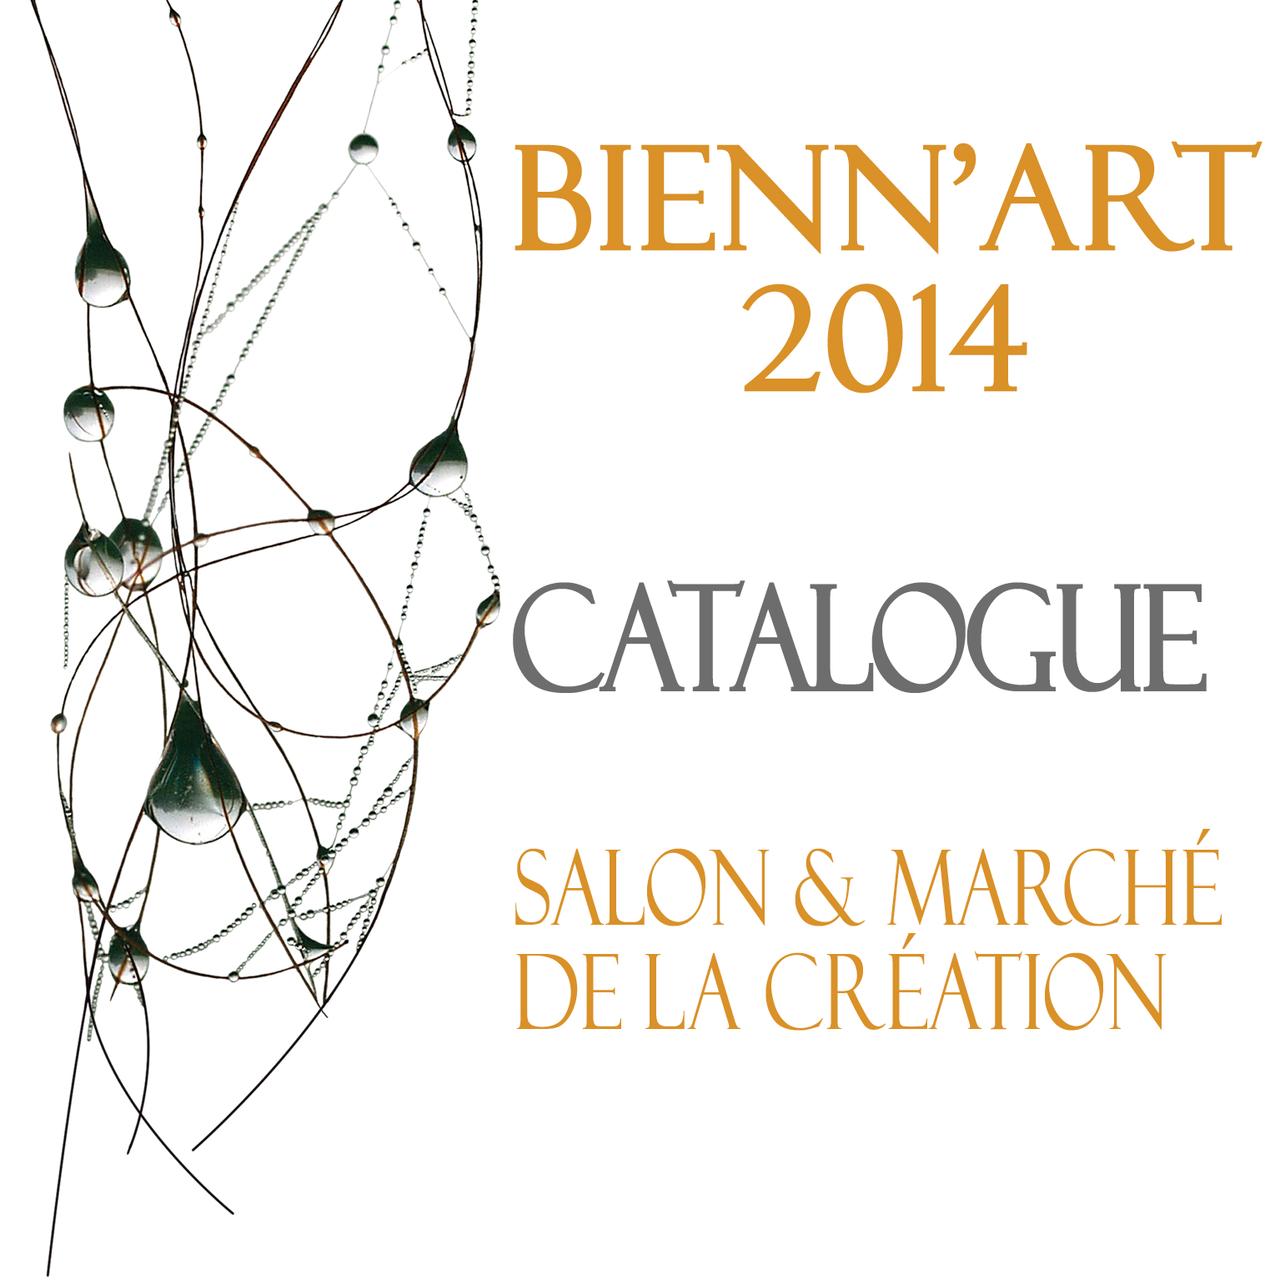 Salon et marché de la création - Bienn'Art 2014 - 12 au 15 juin 2014 Tournon-sur-Rhône